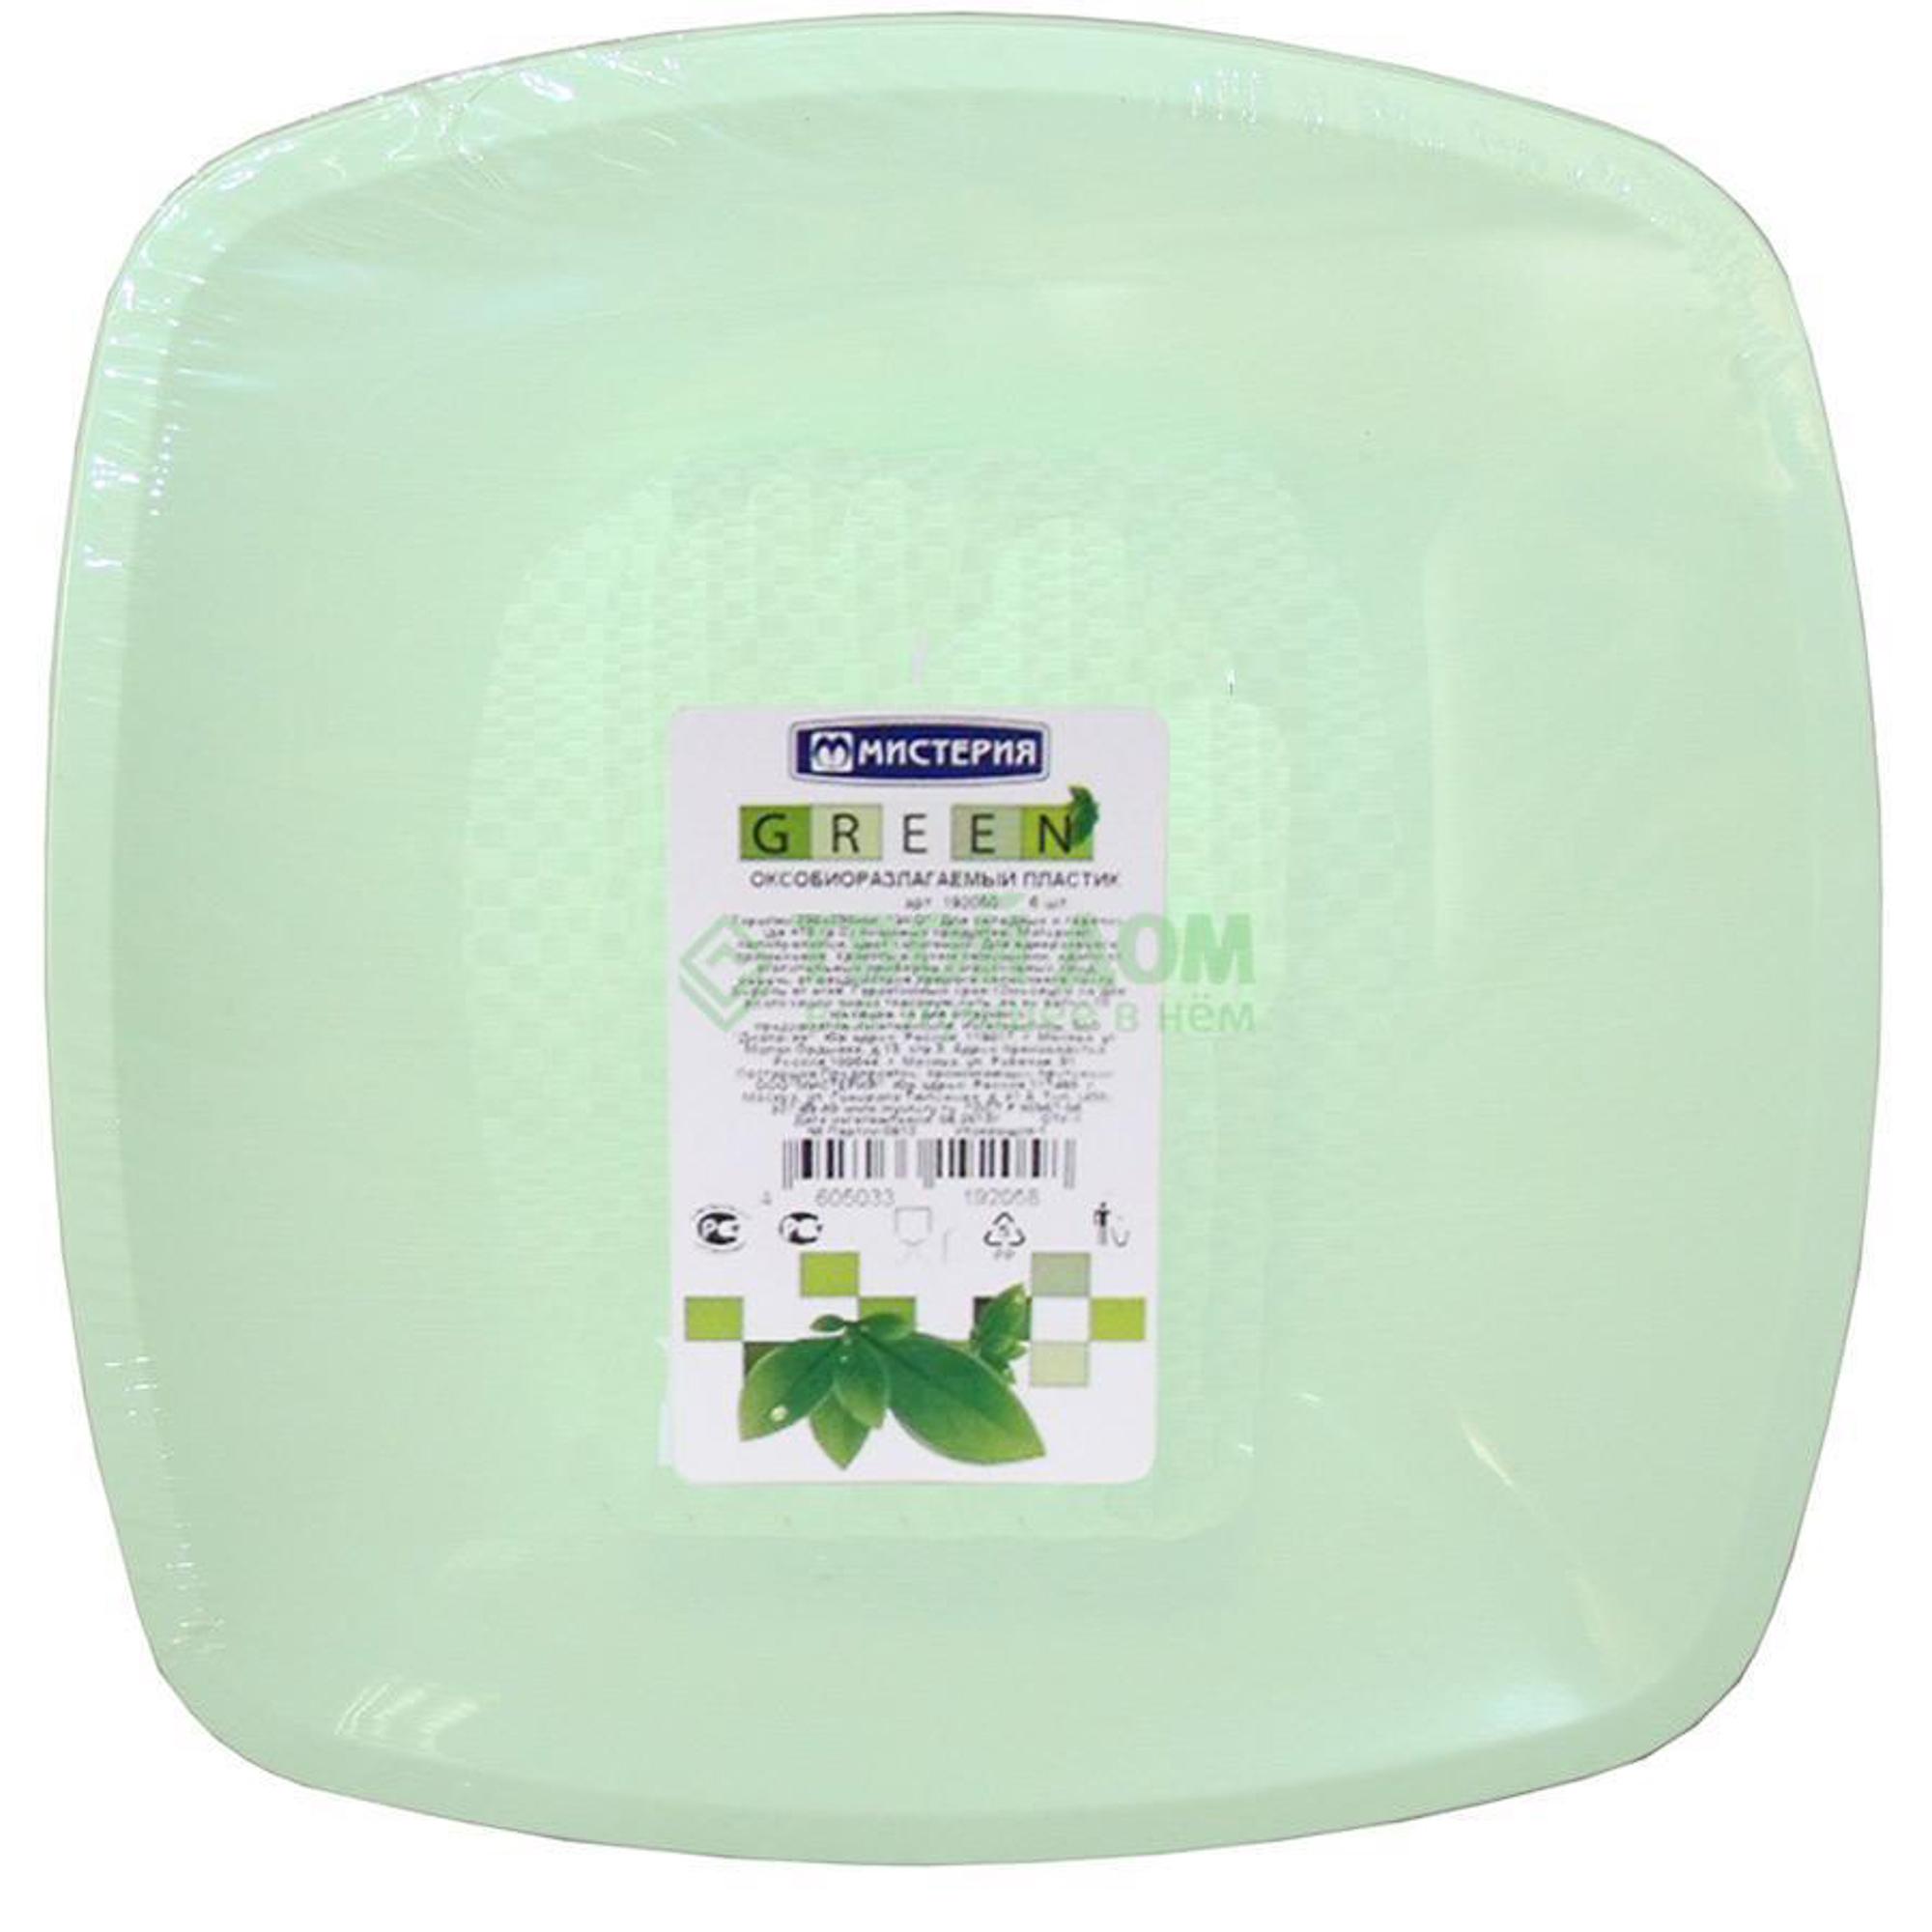 Тарелка Green mystery квадратная эко 230 мм плоская (192050)